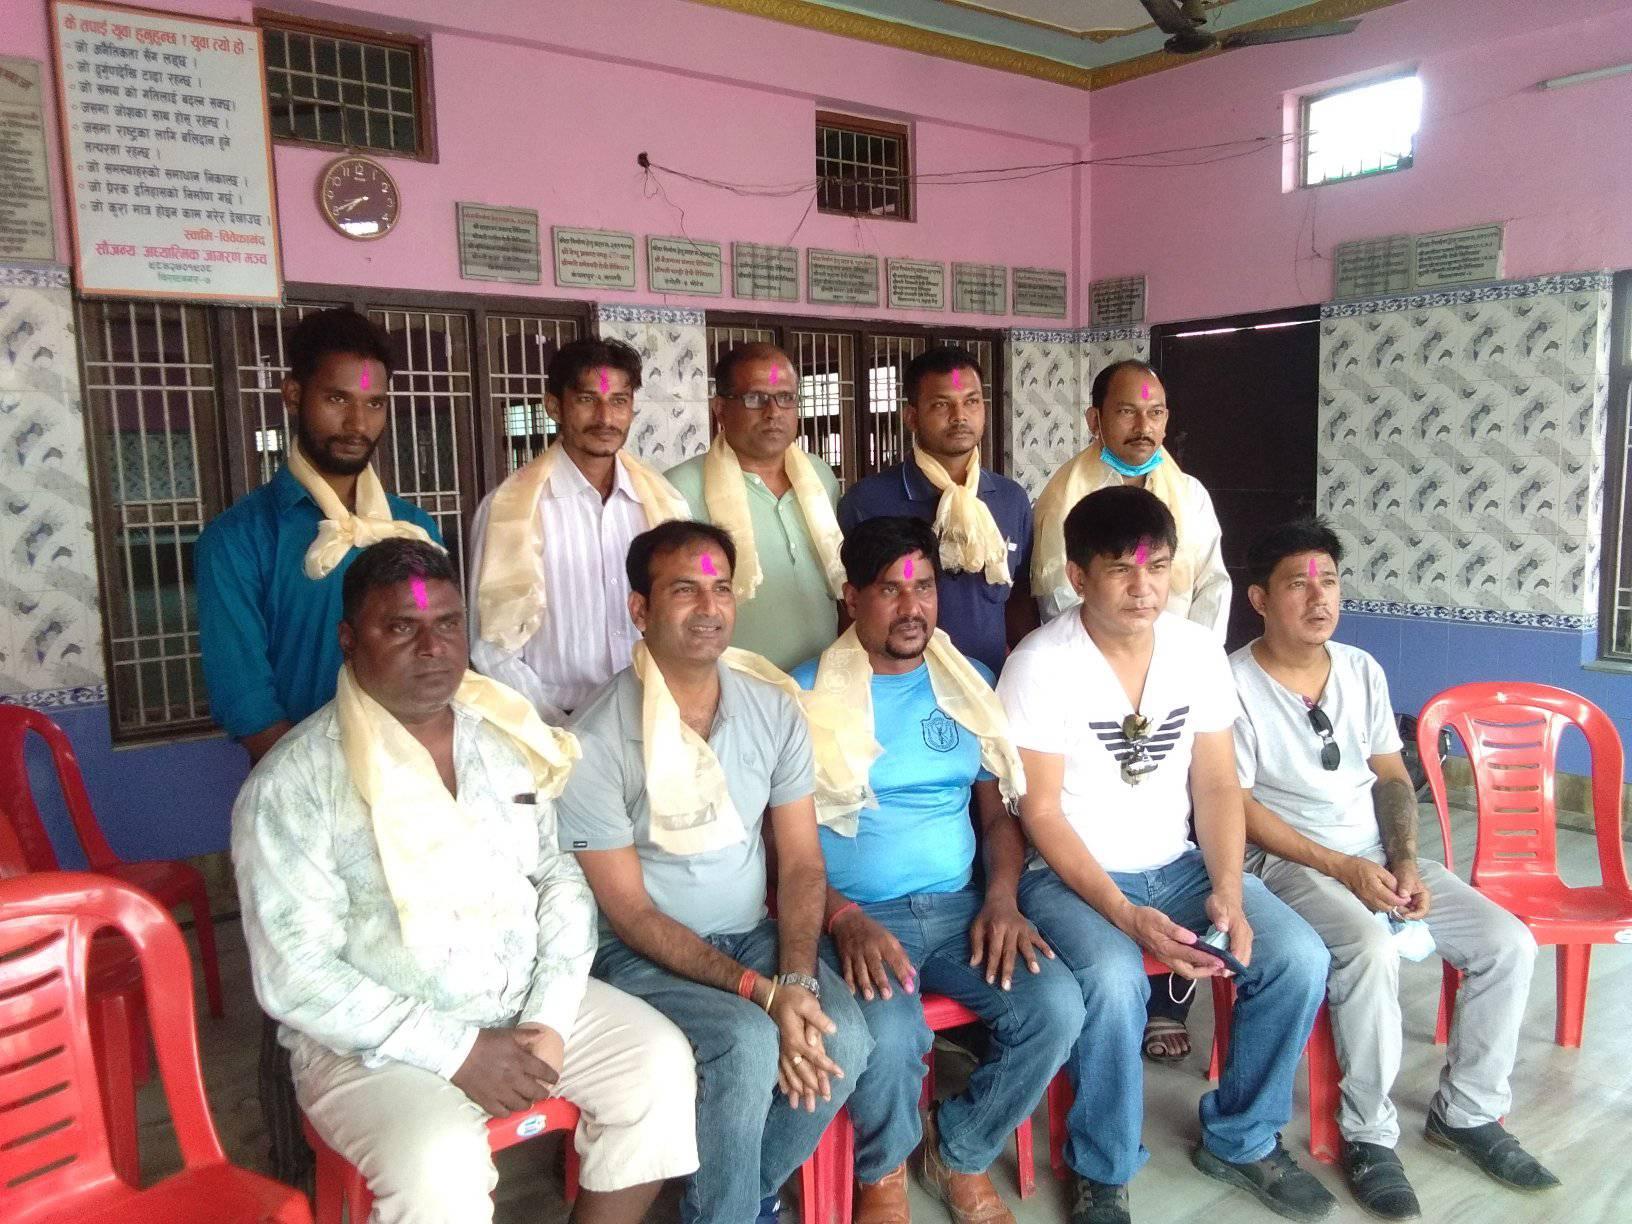 मैथिली चलचित्रकर्मी संघ गठन